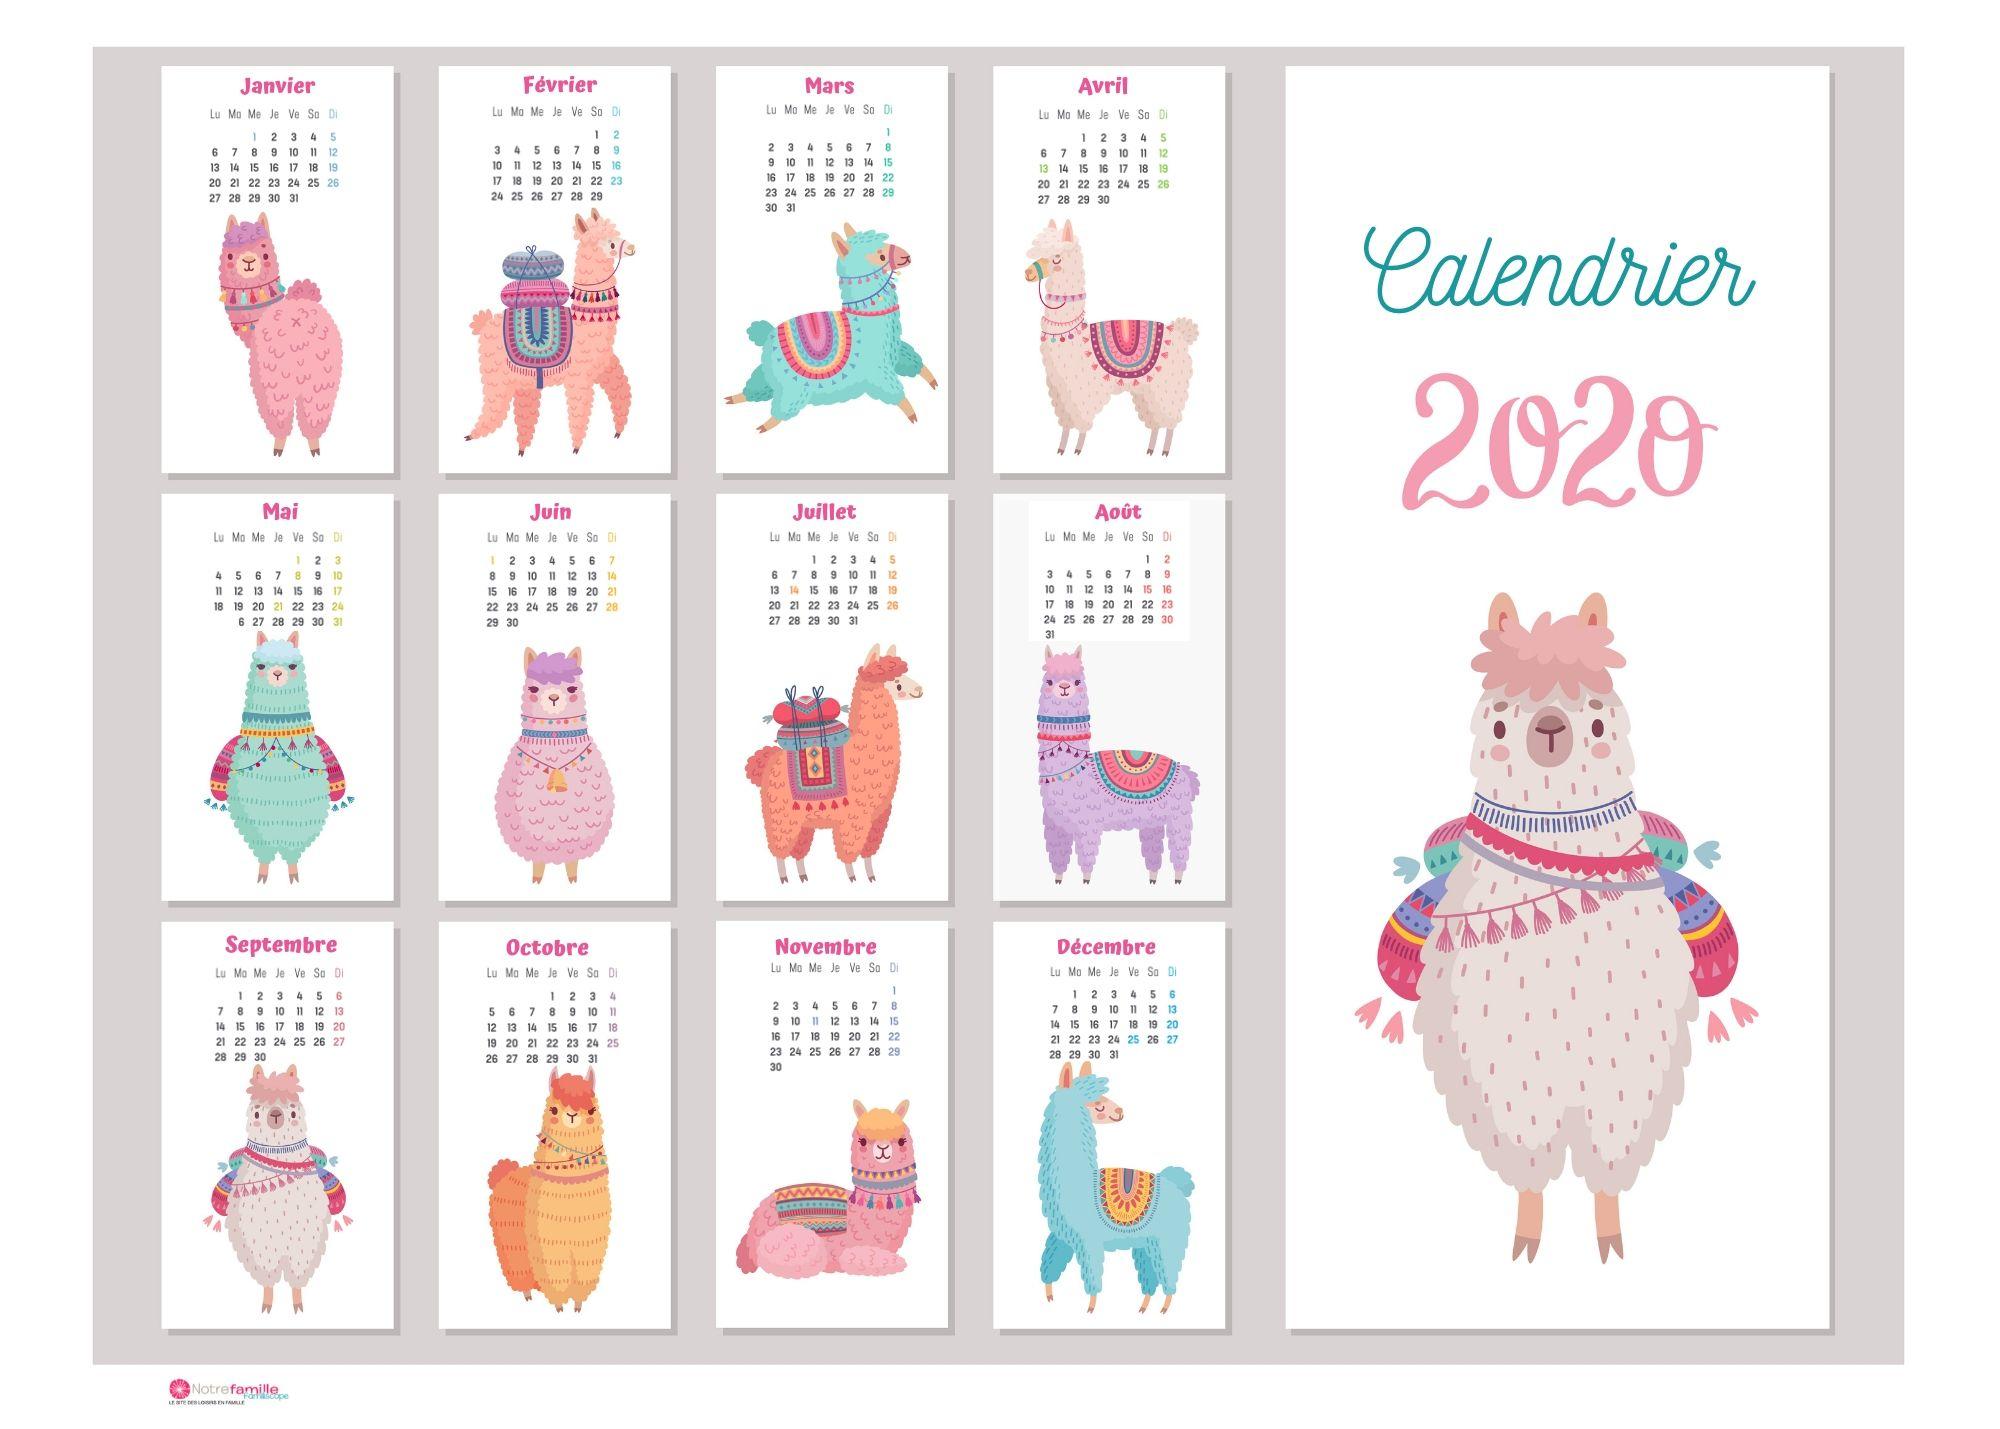 Calendriers 2020 À Imprimer Pour Les Enfants avec Imprimer Des Calendriers